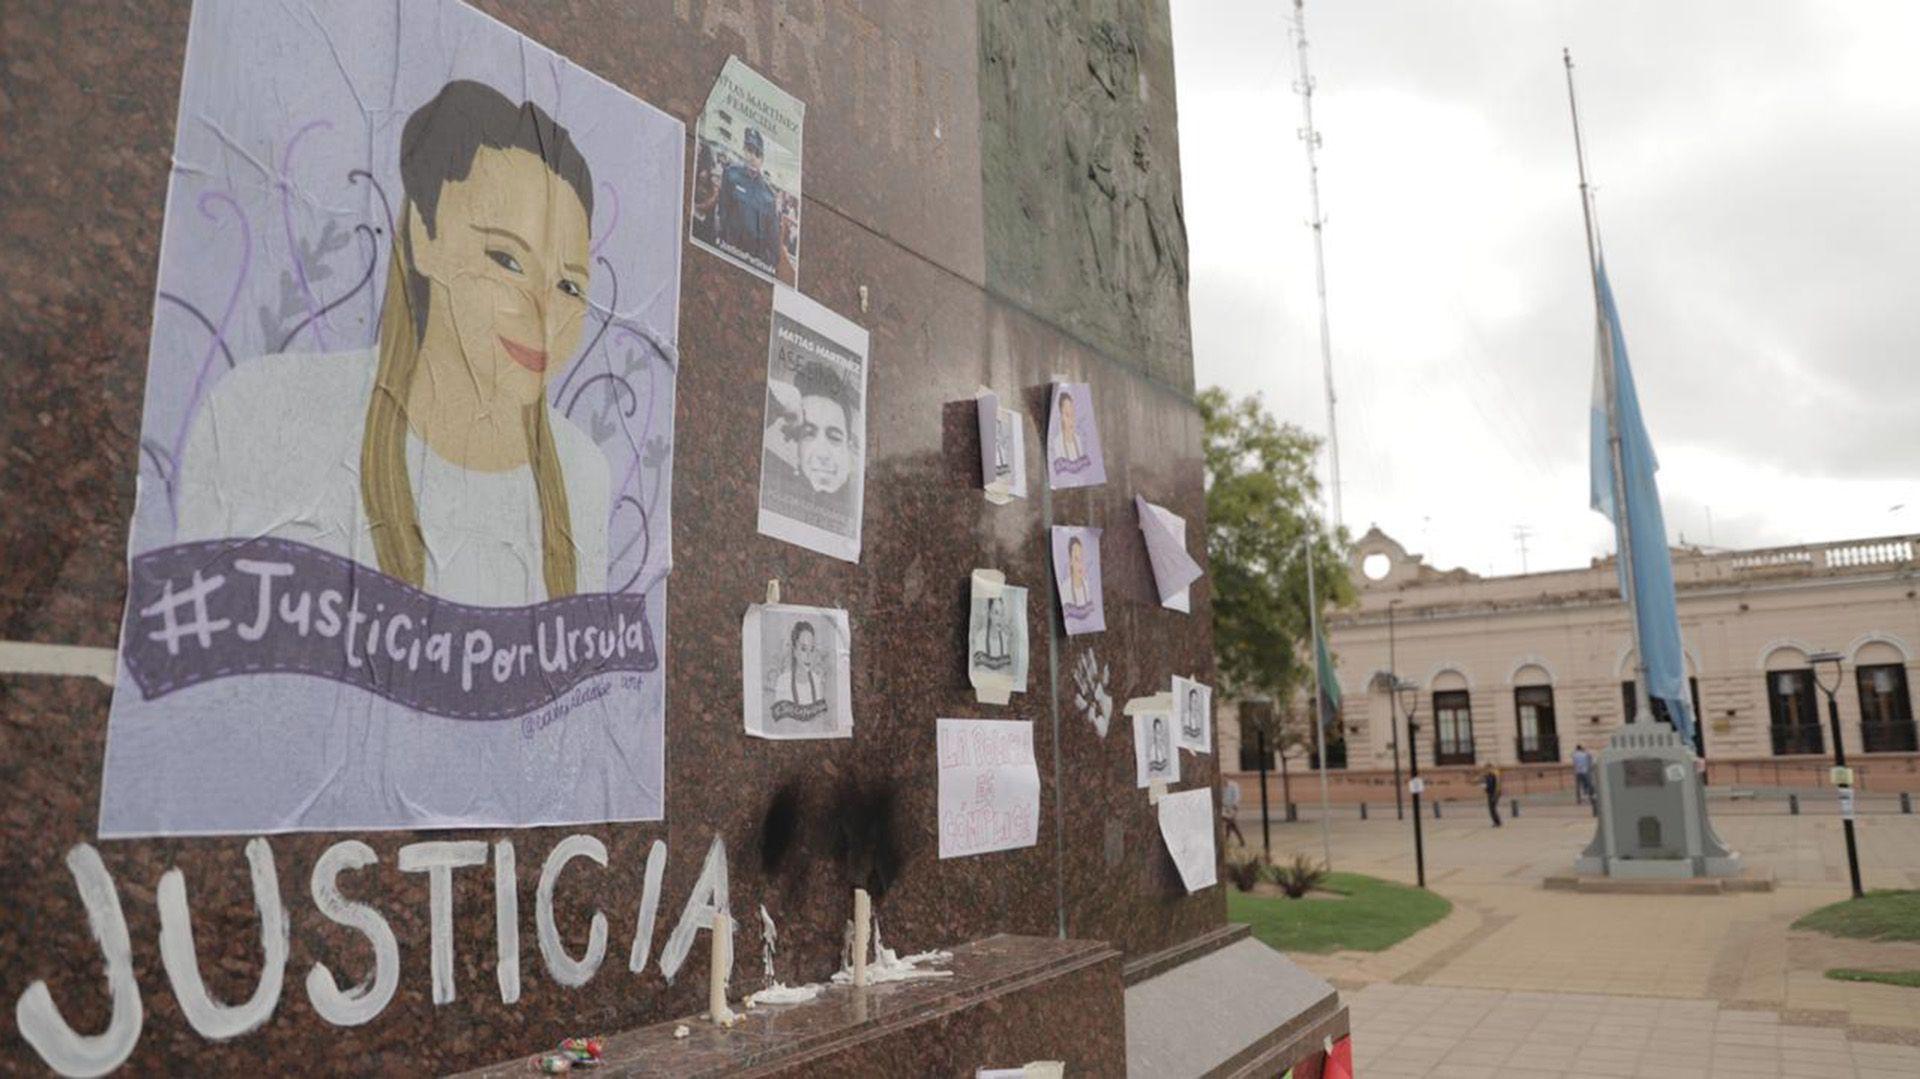 Dolor y bronca. Familiares, amigos y vecinos despiden los restos de Úrsula, la joven asesinada en Rojas